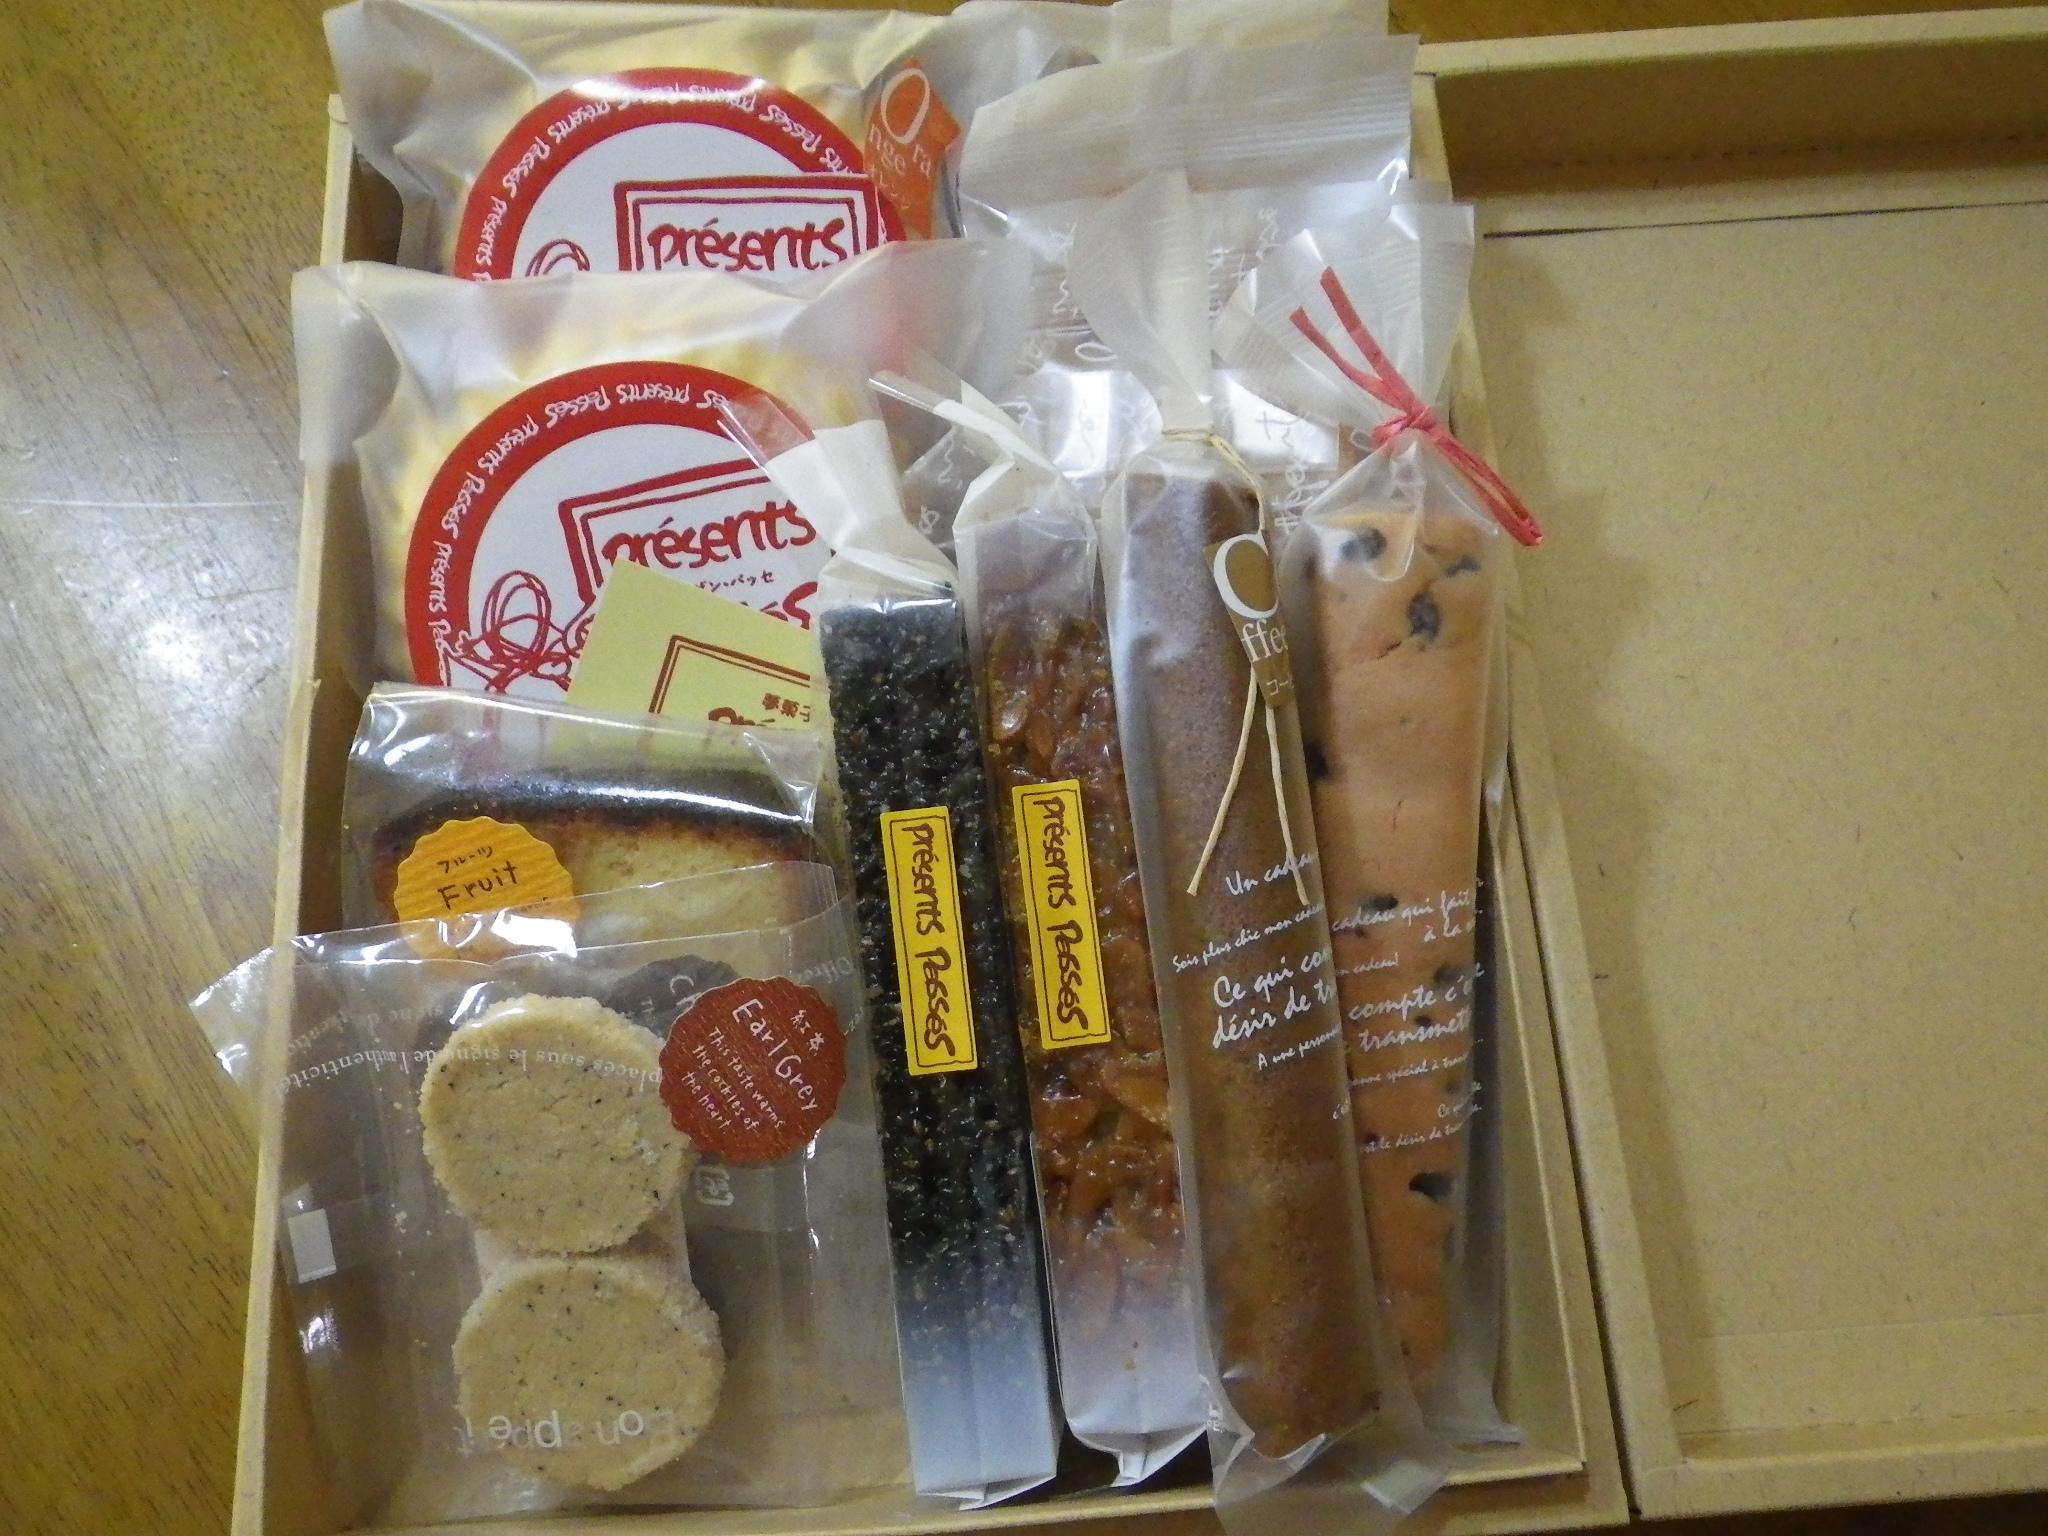 久喜駅前のプレザンパッセというトコのお菓子をいただきながら、ちょっと思った